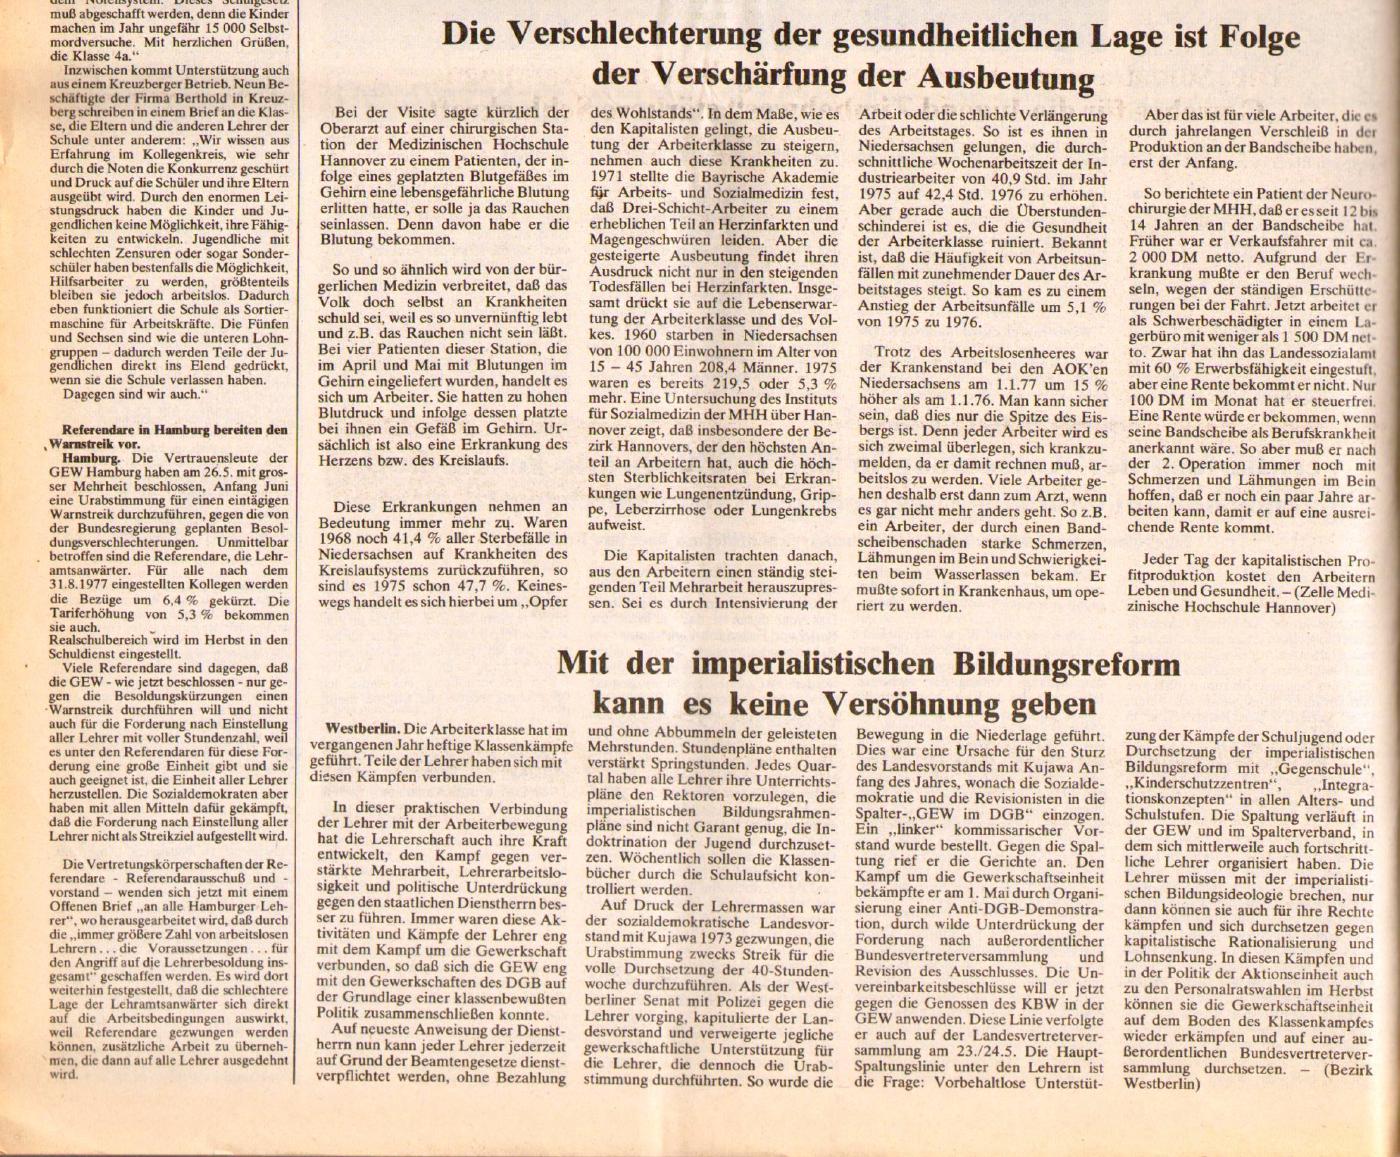 KVZ_Nord_1977_23_16